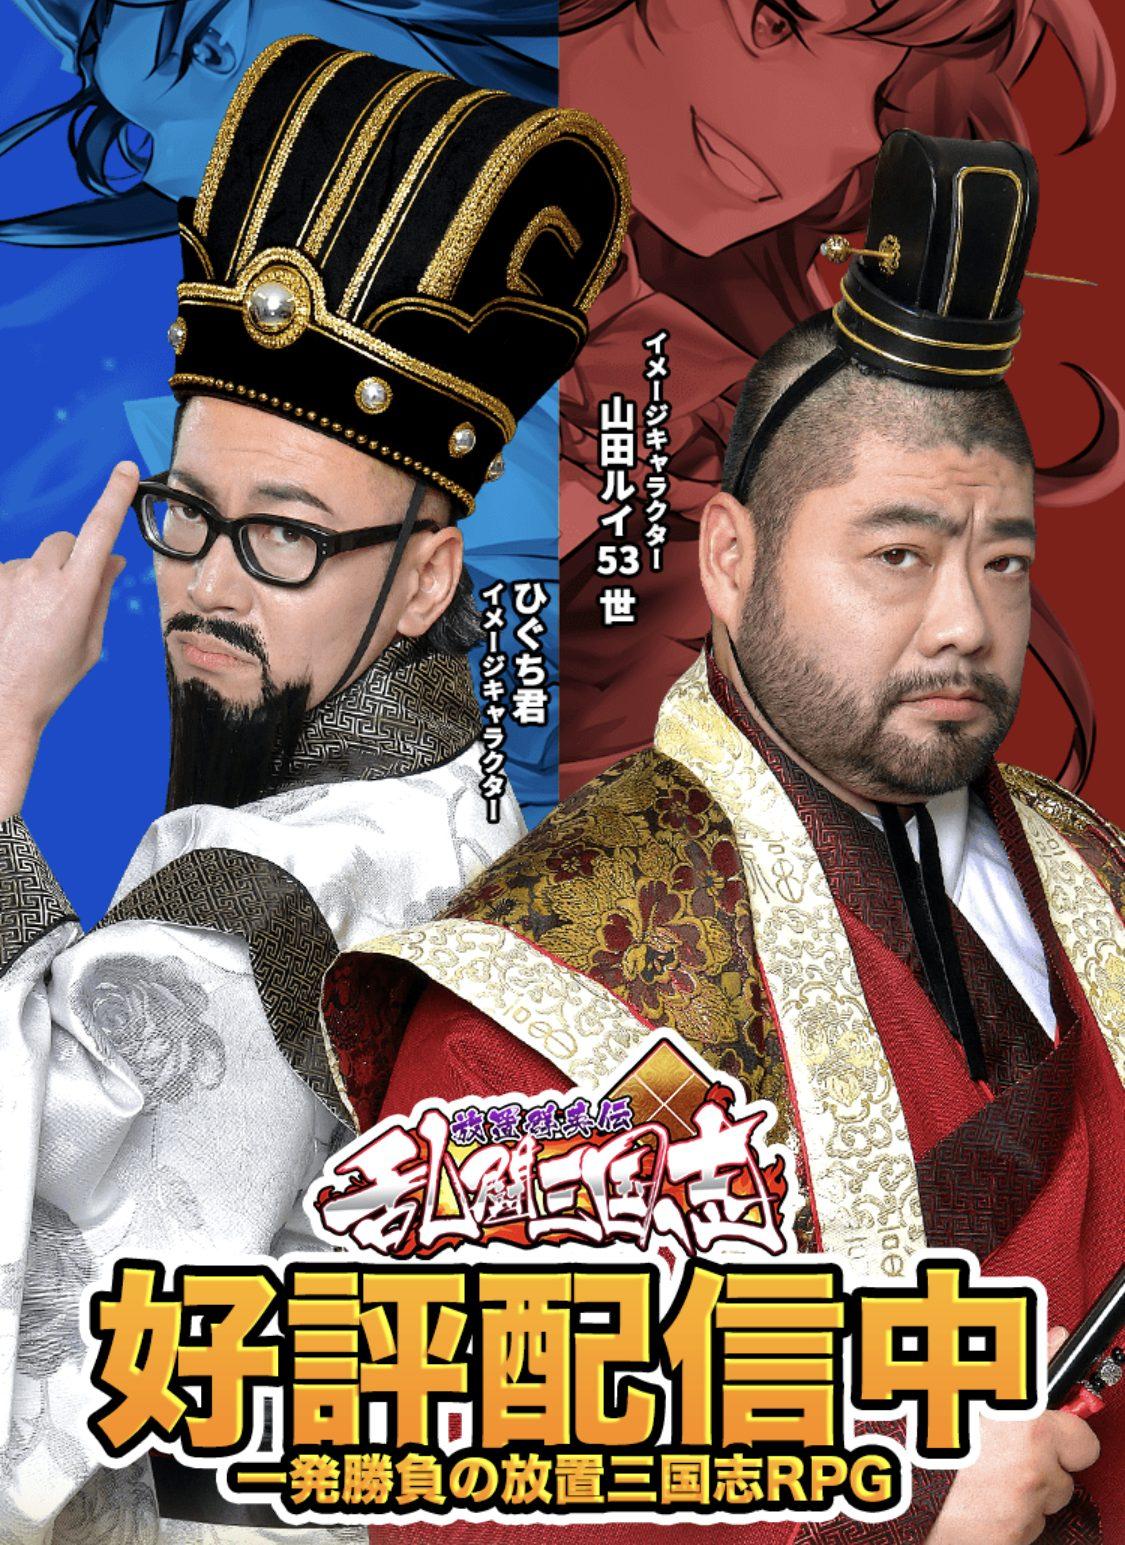 乱闘三国志 プレイ評価レビュー!面白いアプリなのか?